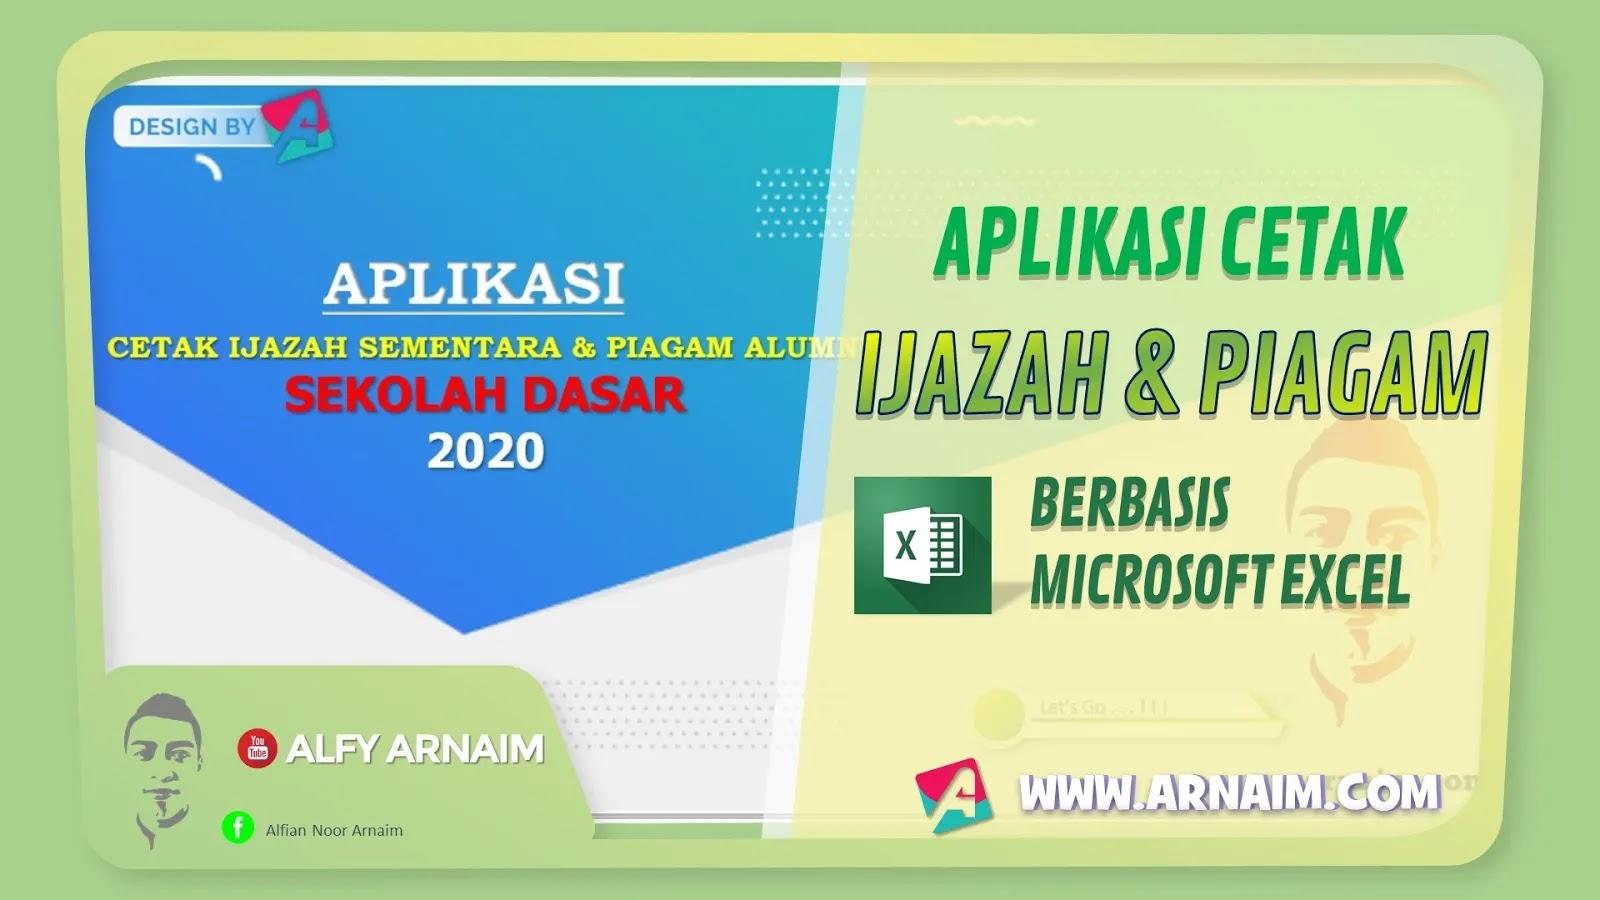 arnaim.com - DOWNLOAD APLIKASI CETAK IJAZAH DAN PIAGAM ALUMNI SD 2020